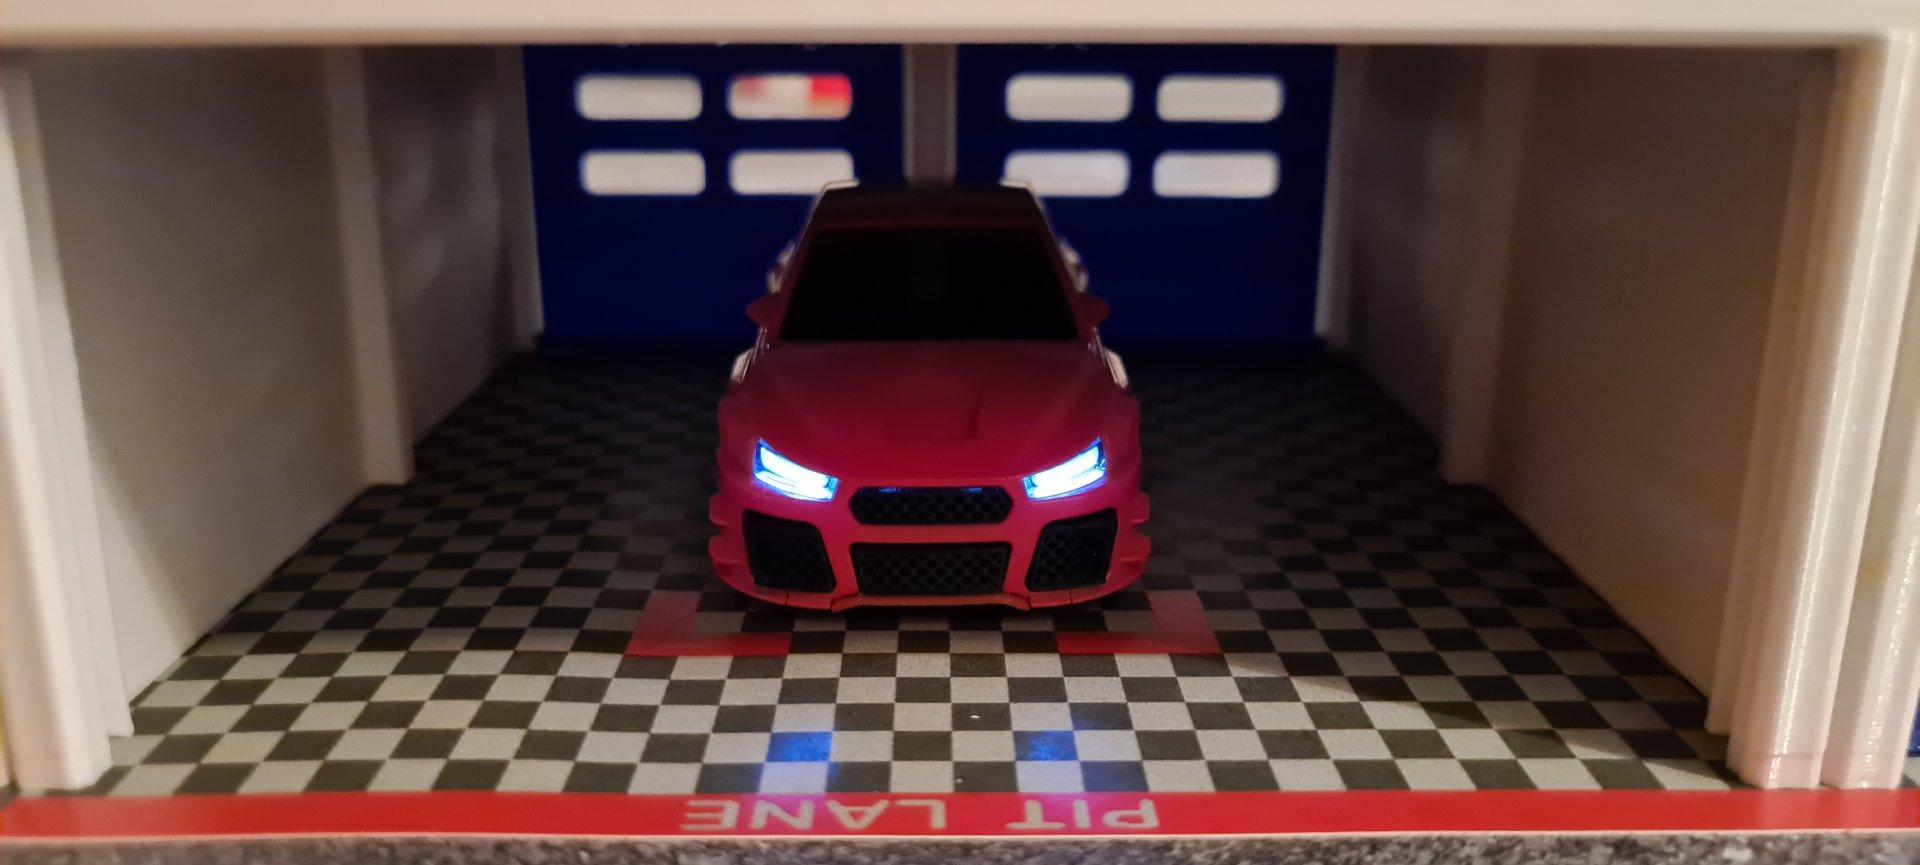 Zischis Racer